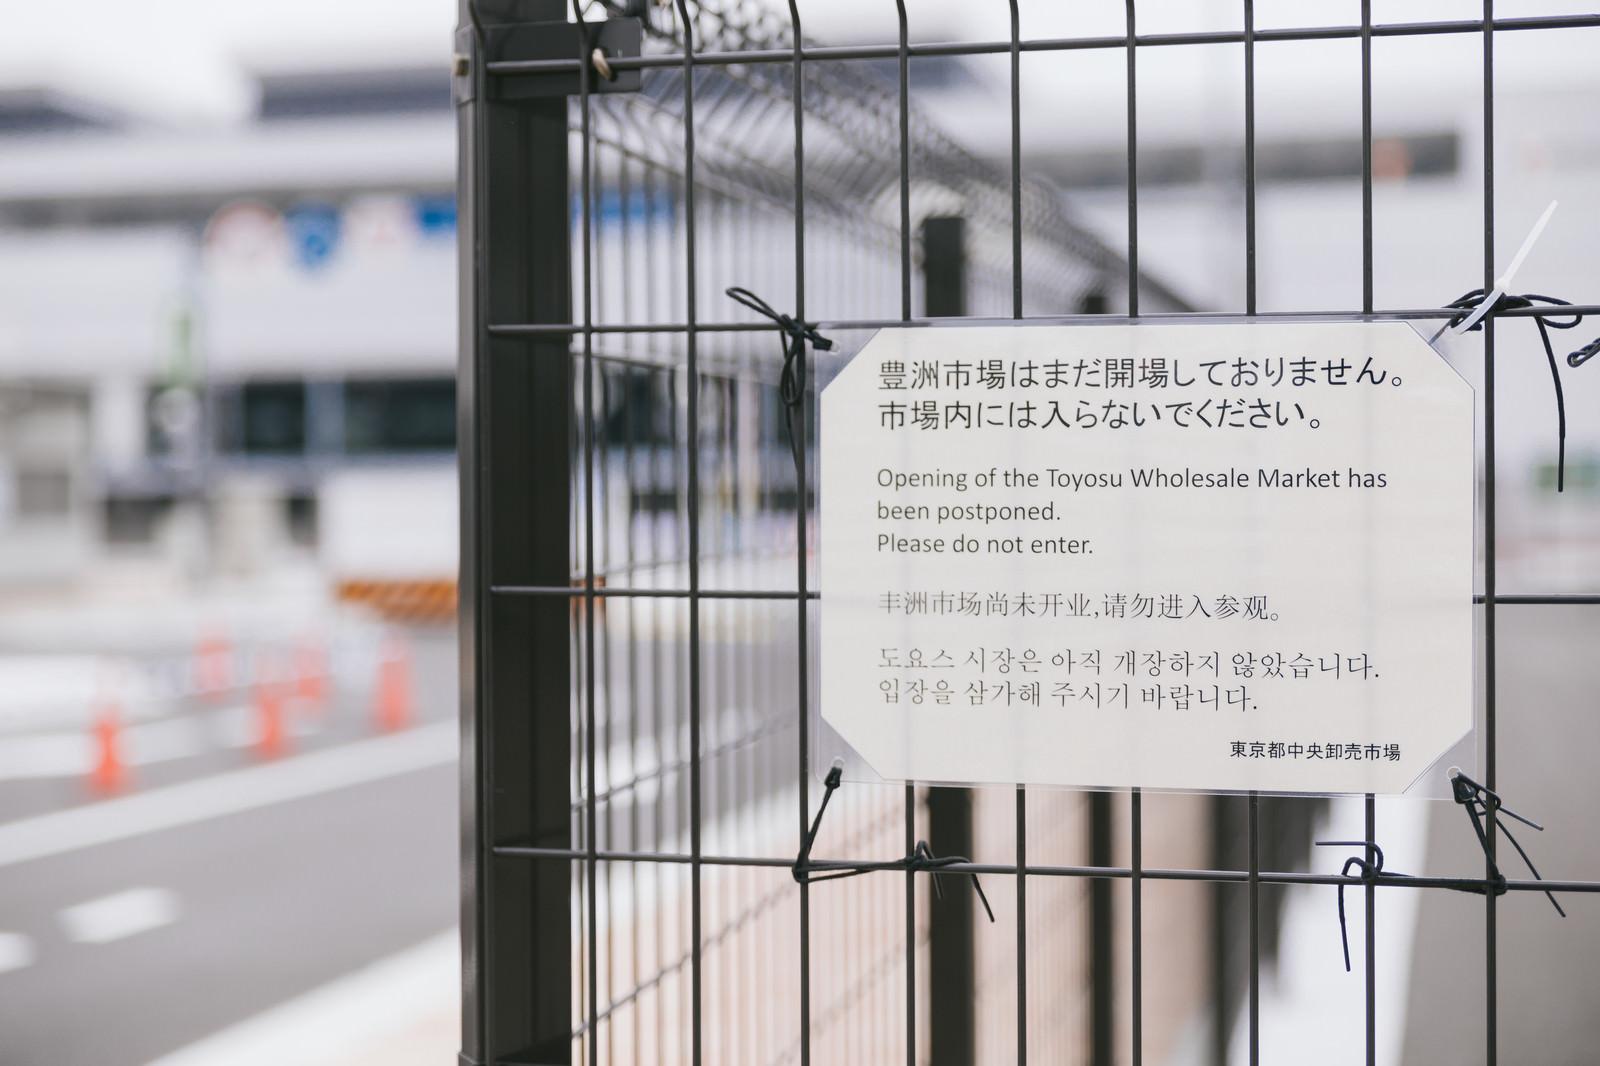 「豊洲市場はまだ開場しておりません。市場内には入らないでください。と書かれた案内」の写真